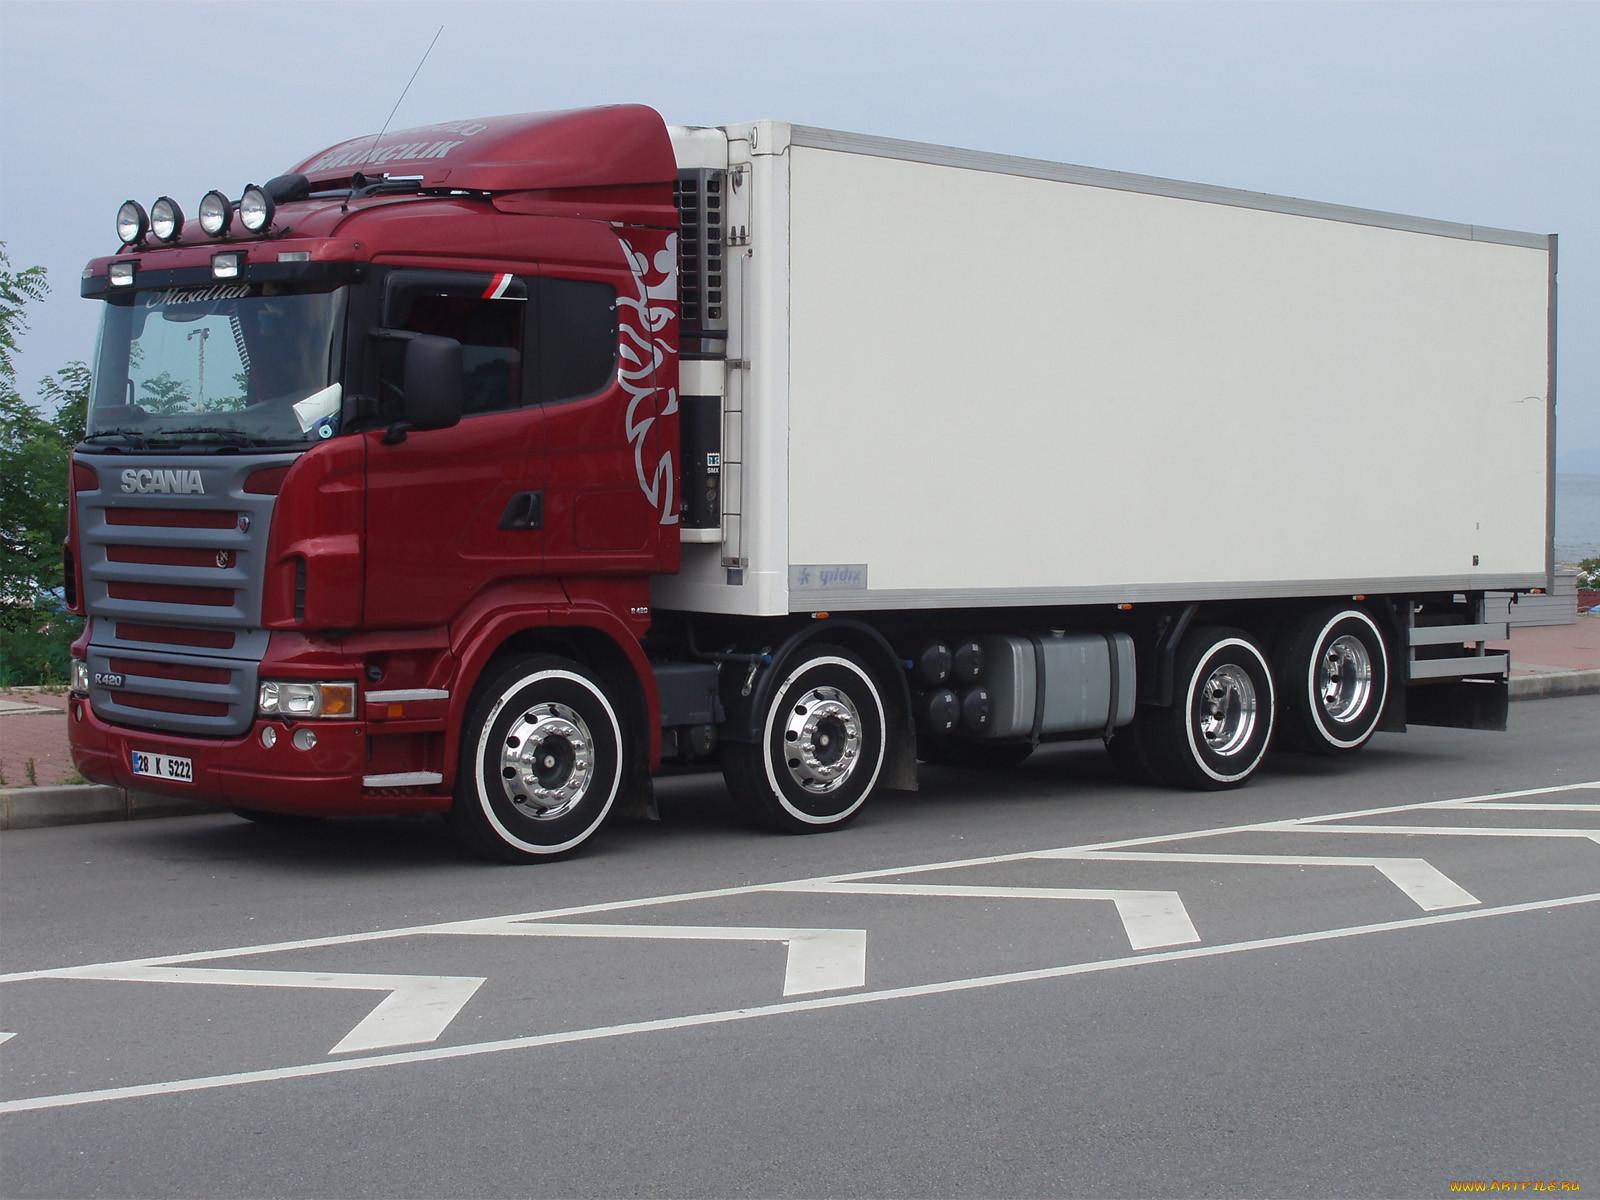 картинки грузовых авто в профиль коров помогает получить